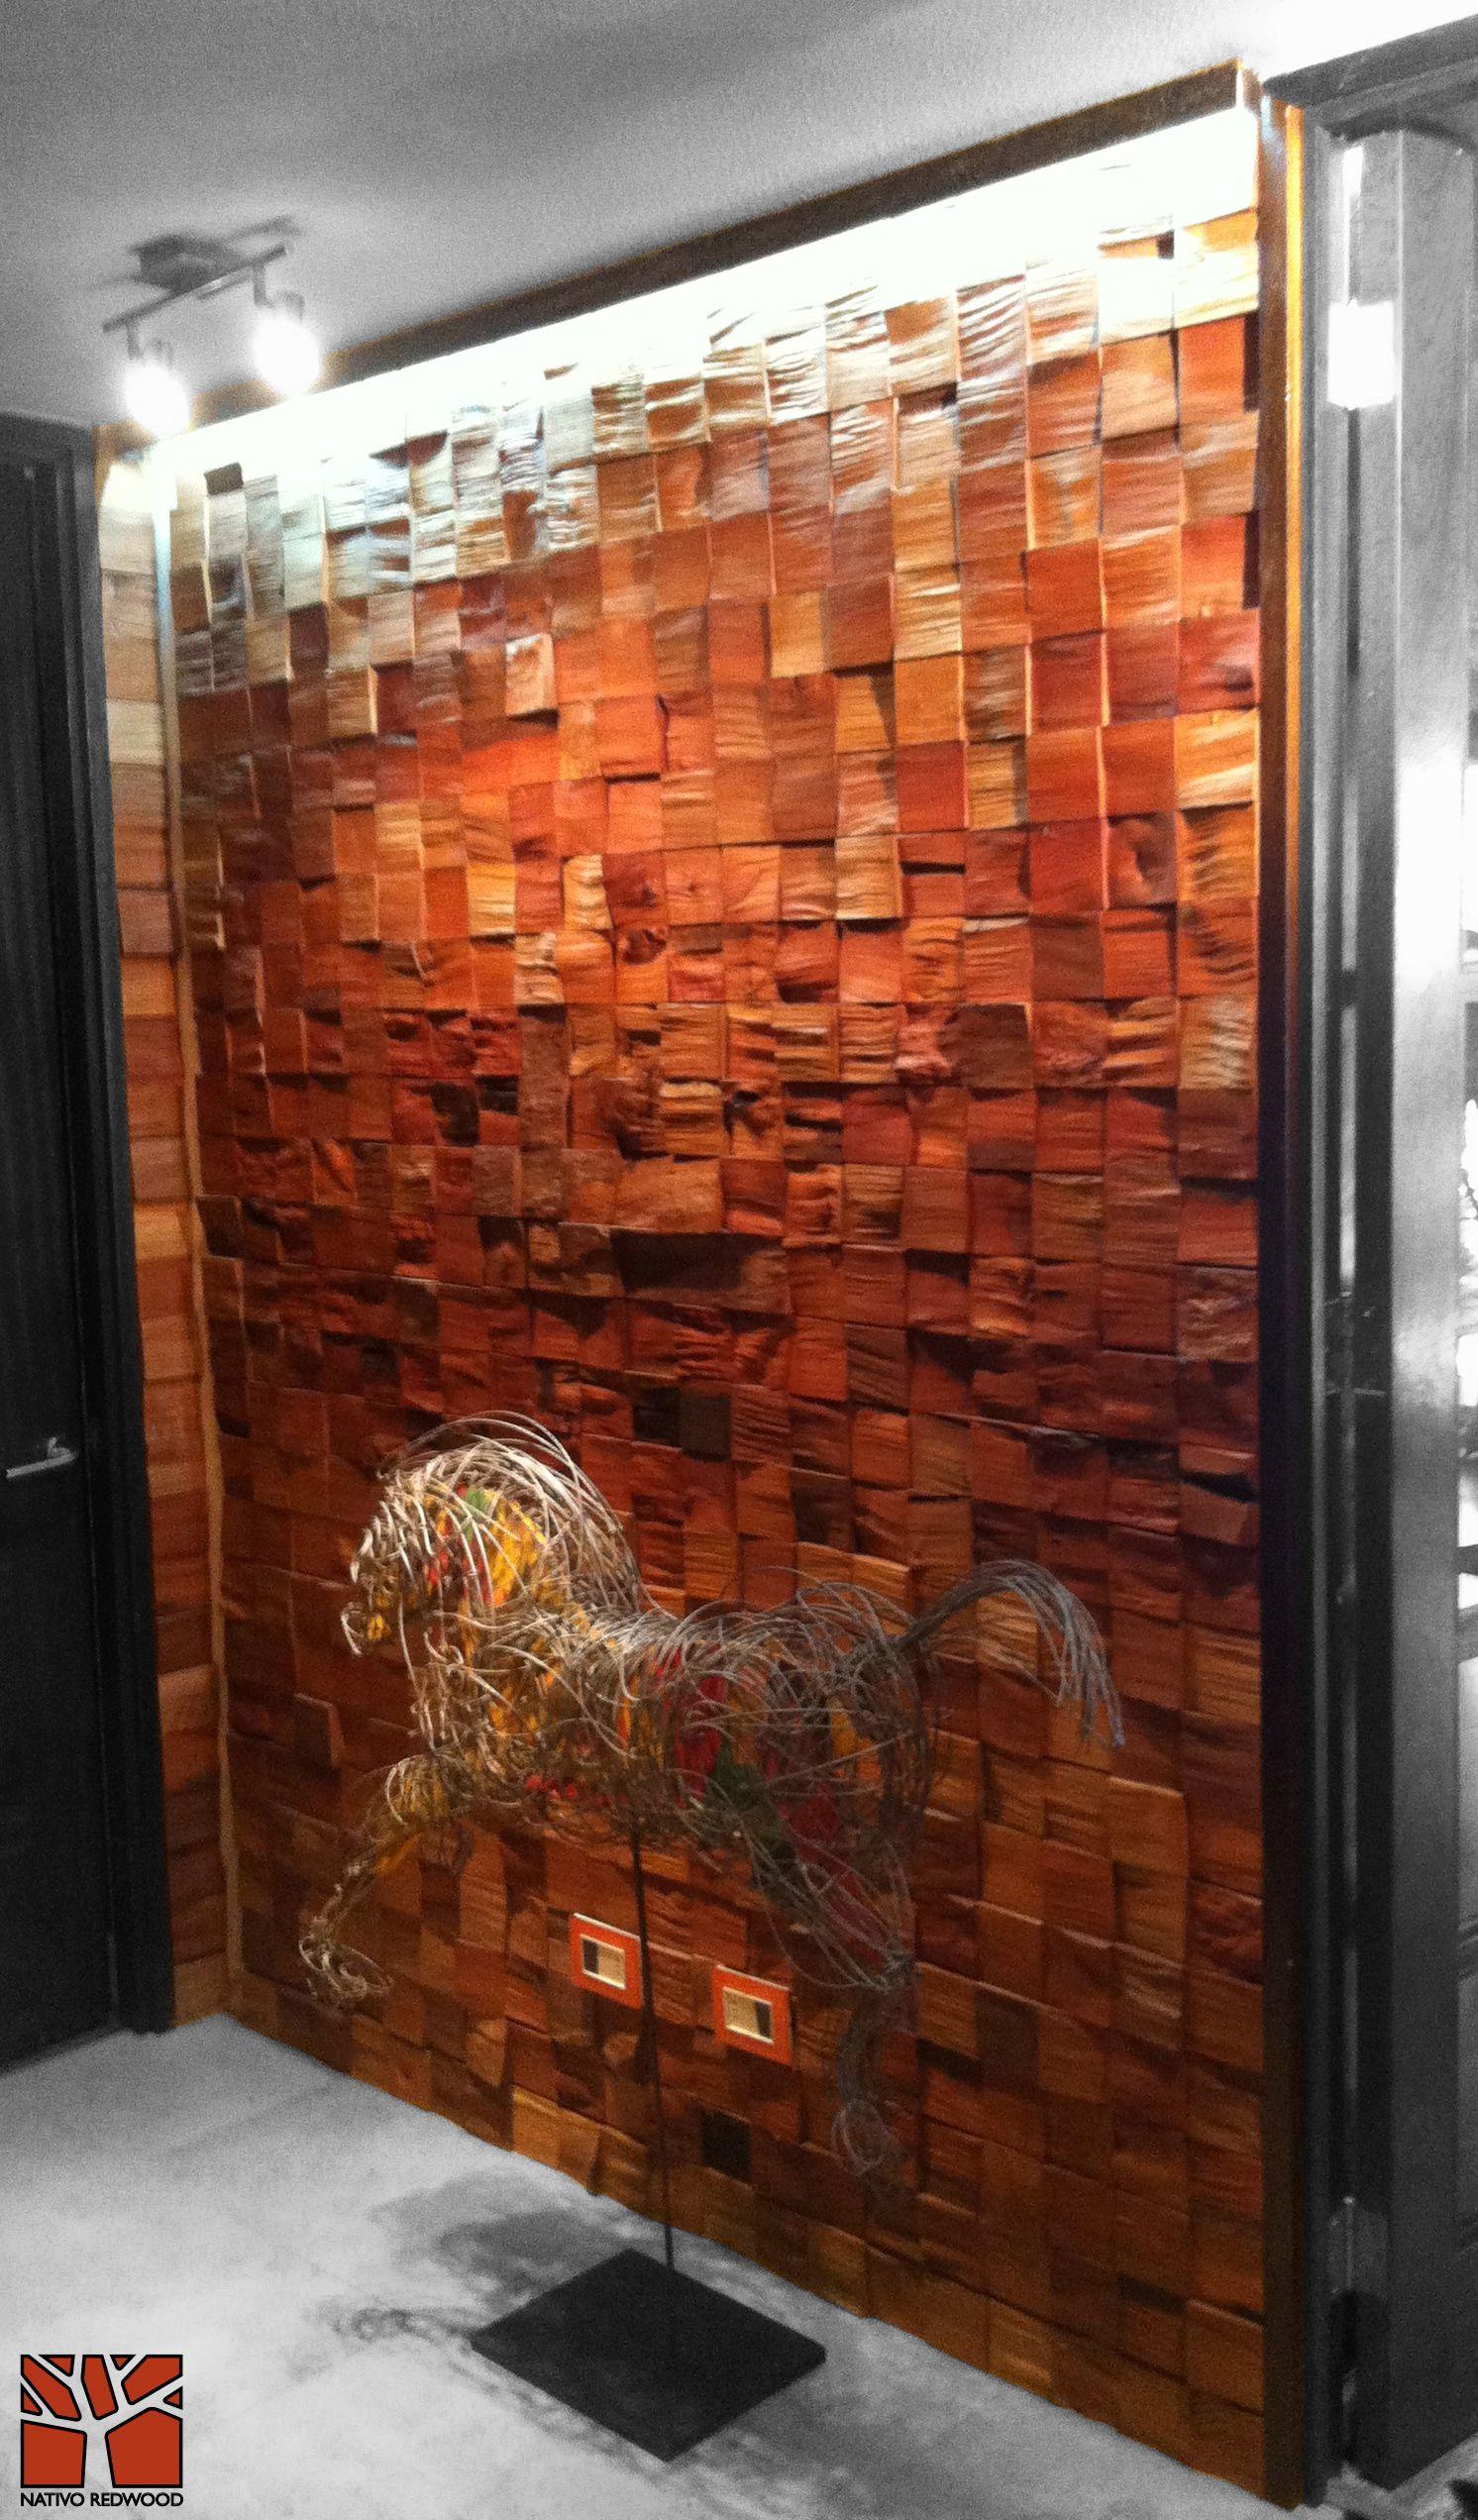 Nativo Redwood Revestimiento Muro Mosaicwood De Tacos De